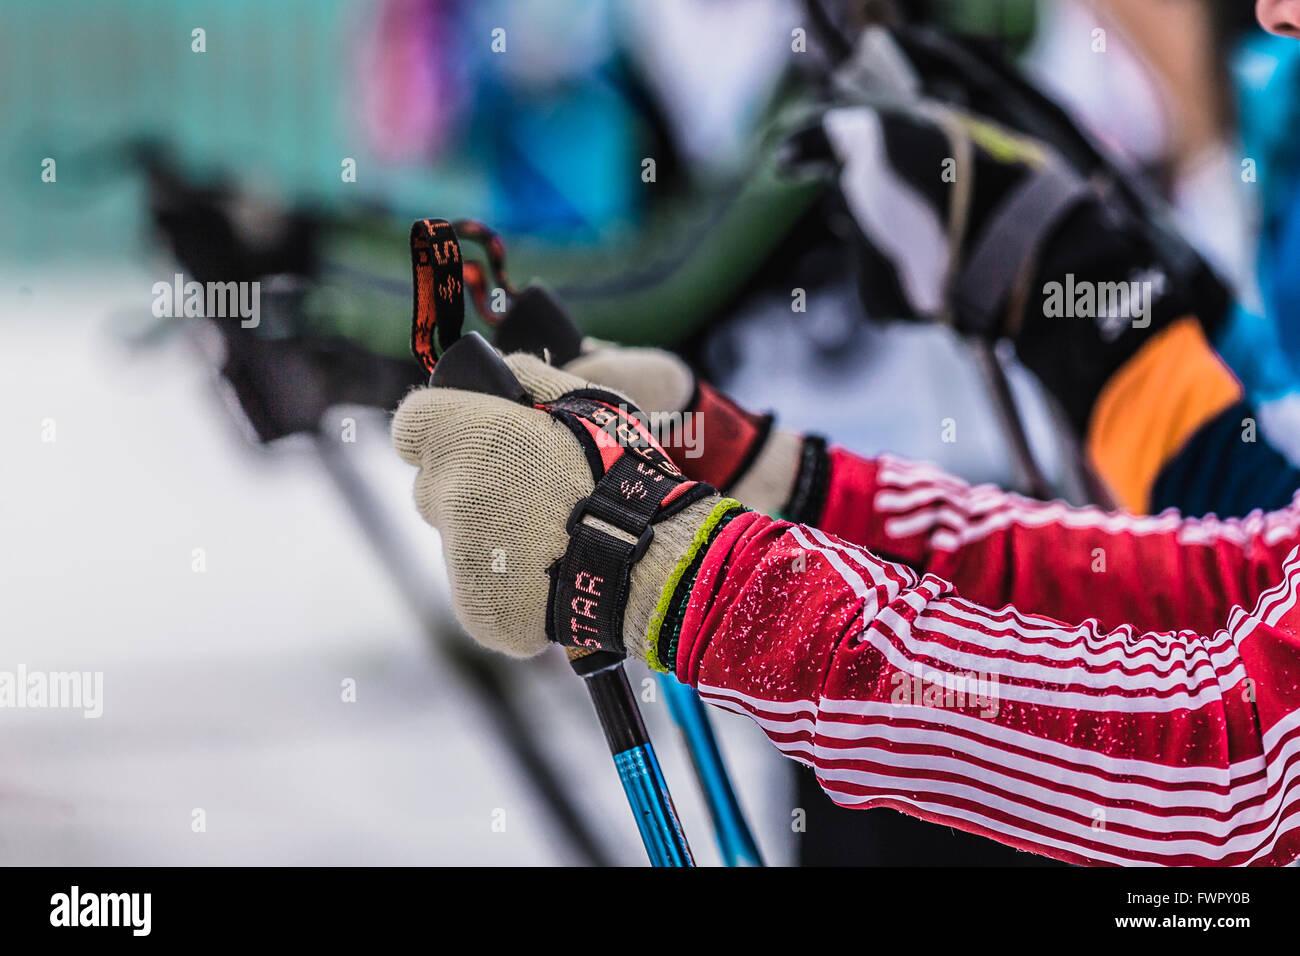 Kyshtym, Russie - le 26 mars 2016: départ en masse de skieurs athlètes, libre des mains et bâtons Photo Stock